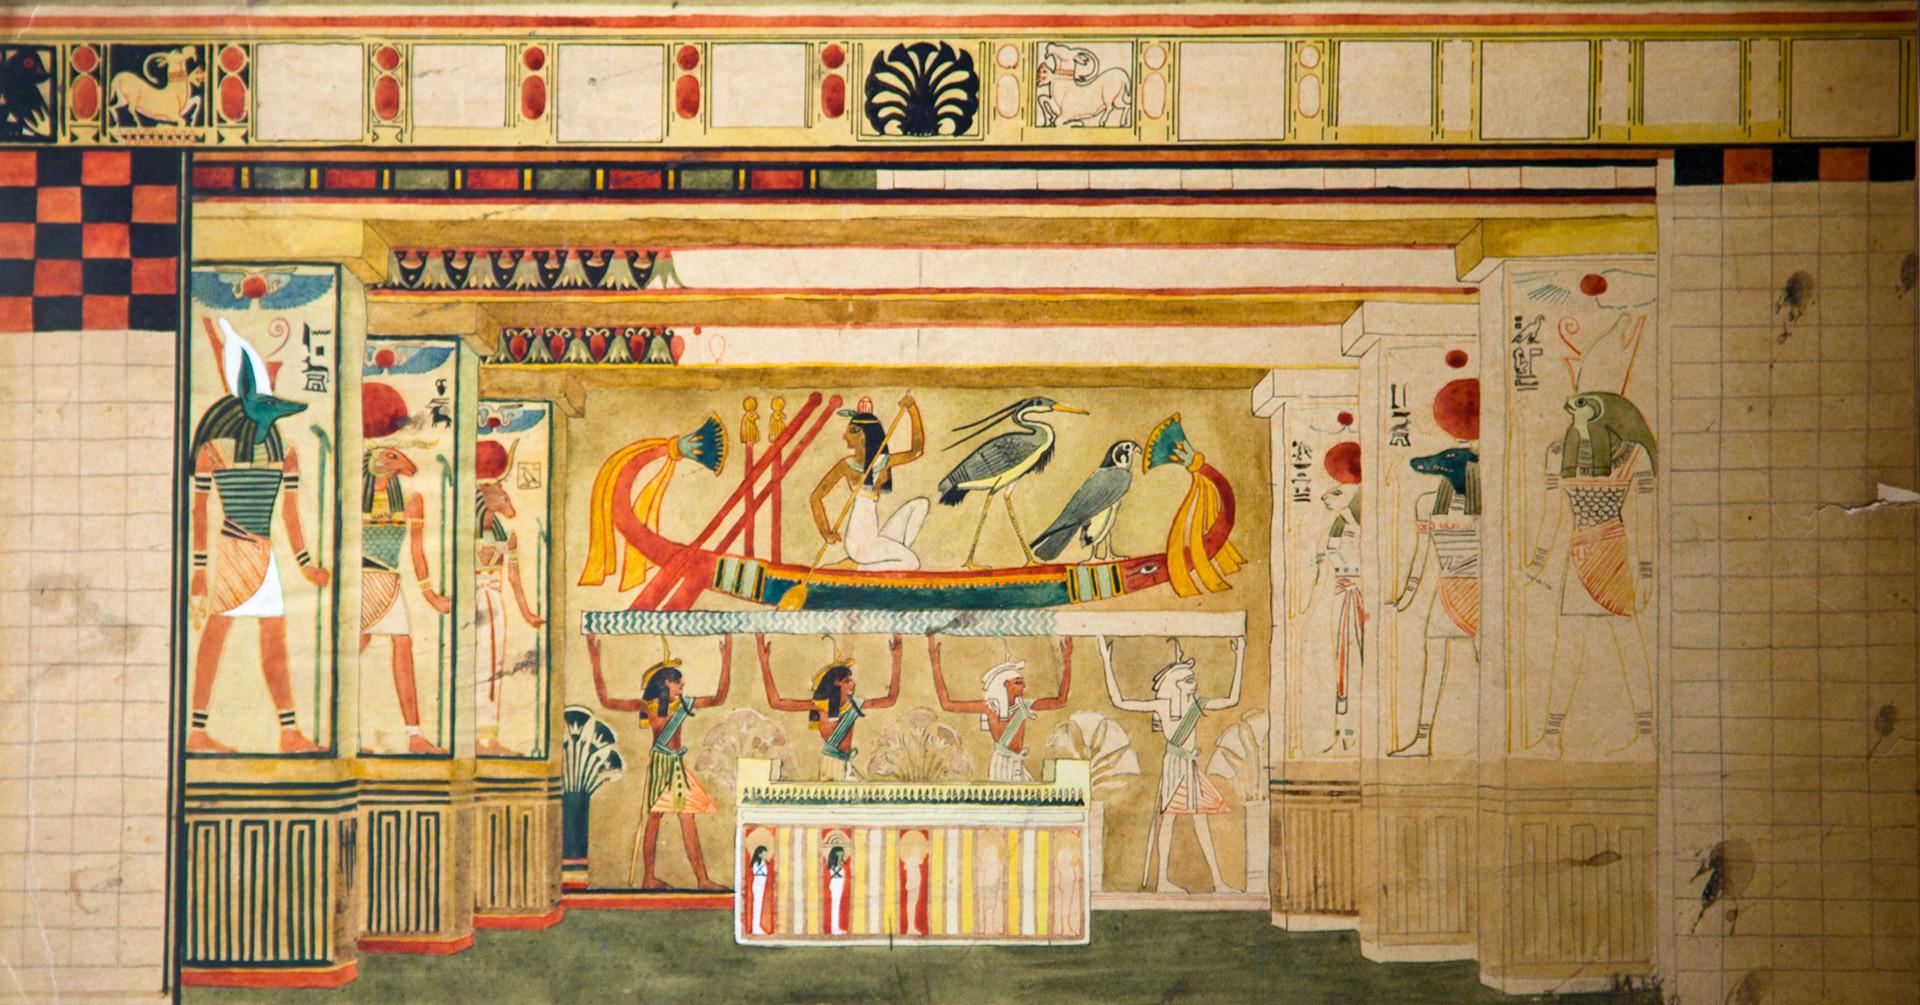 Les décorations de Bilibine pour le ballet de Tcherepnine Roman de la momie.